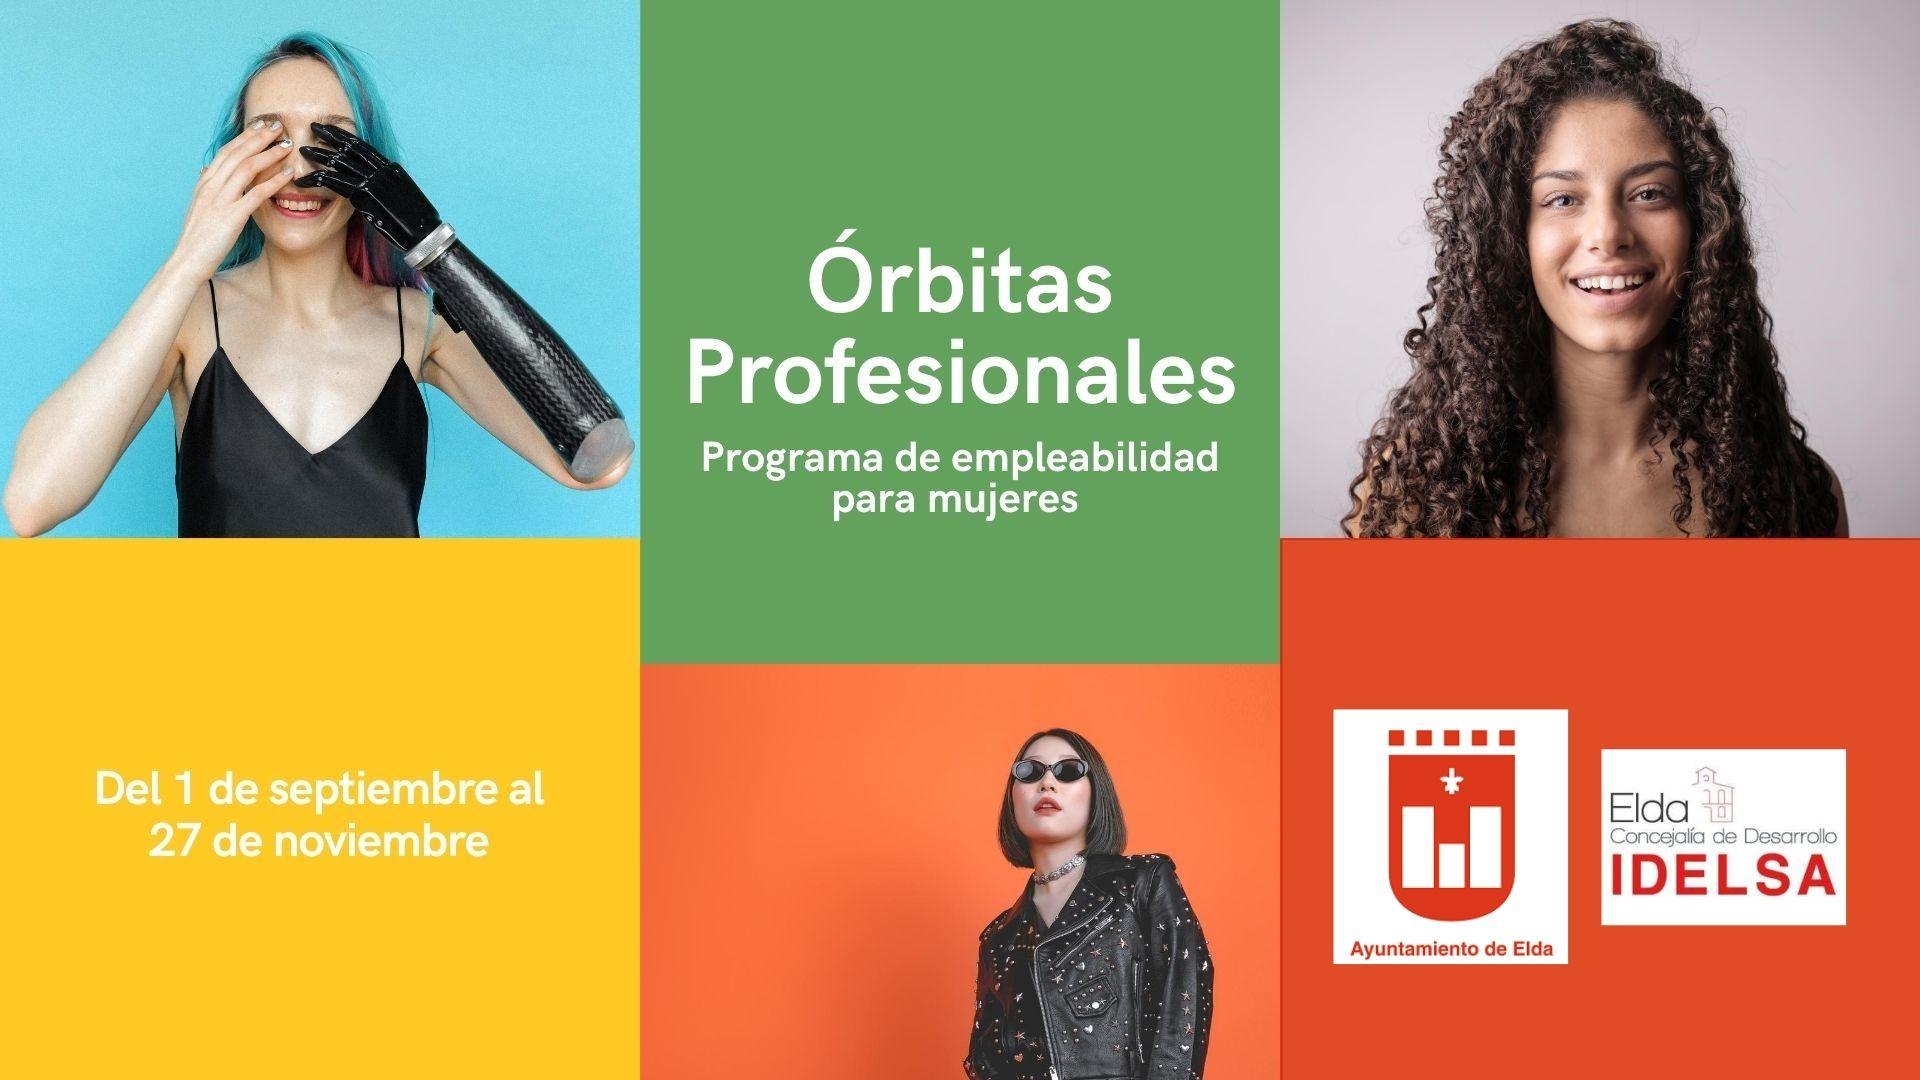 El Ayuntamiento de Elda impulsa el programa 'Órbitas Profesionales' para fomentar el empleo de mujeres en riesgo de exclusión